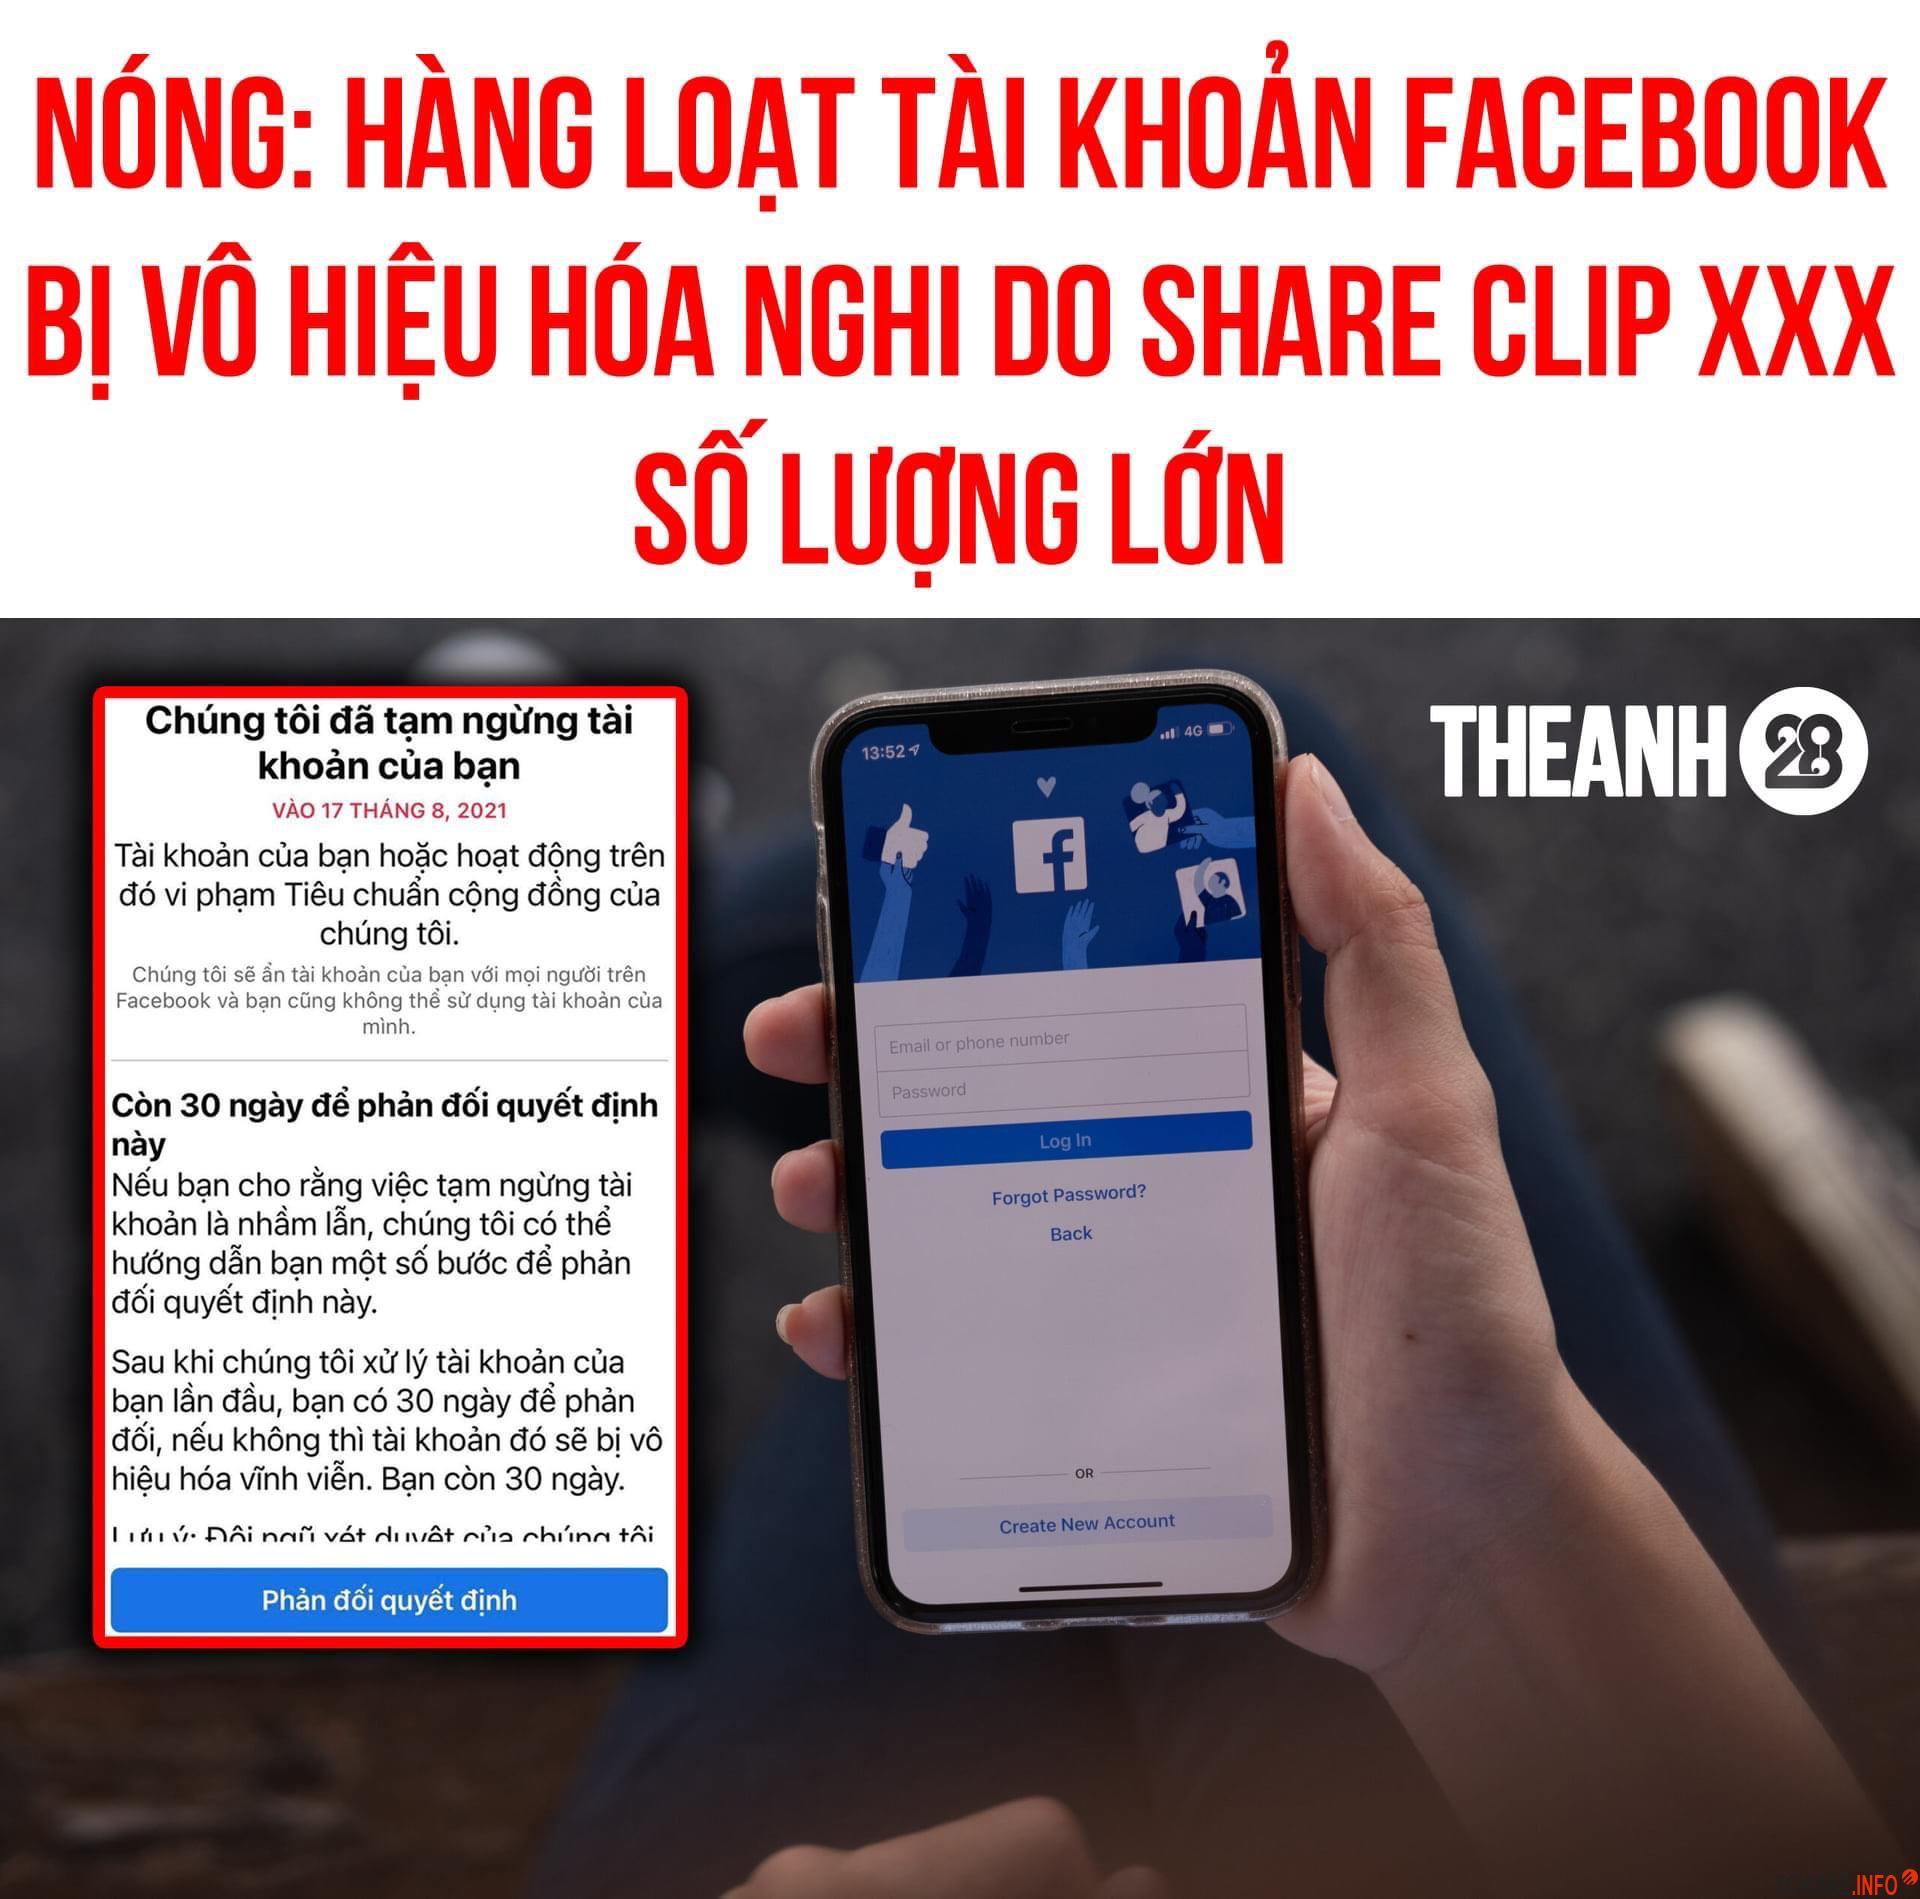 Tài khoản Facebook bị vô hiệu hóa 30 ngày do chia sẻ link xxx trẻ em